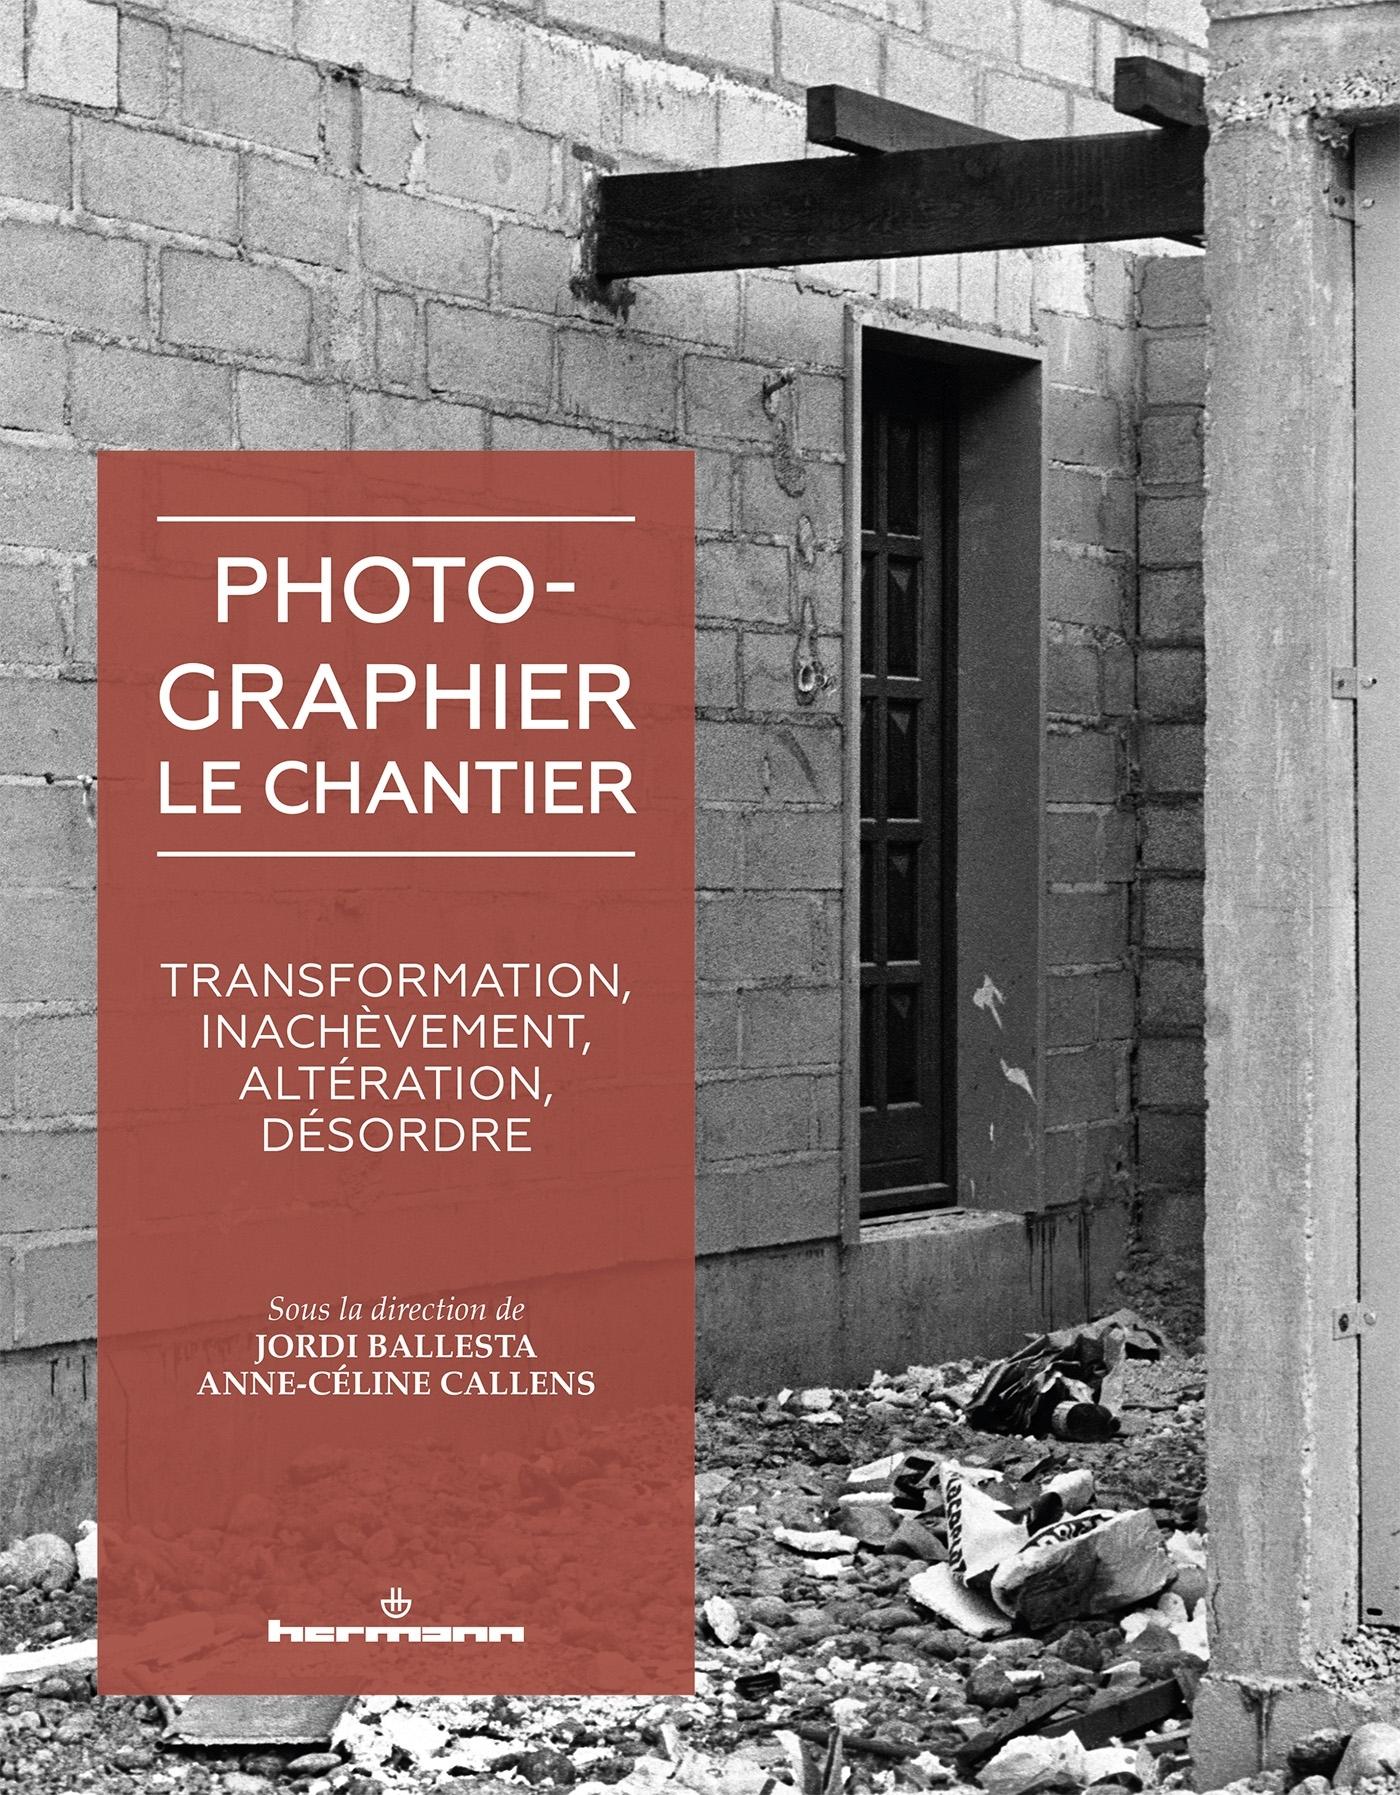 PHOTOGRAPHIER LE CHANTIER - TRANSFORMATION, INACHEVEMENT, ALTERATION, DESORDRE